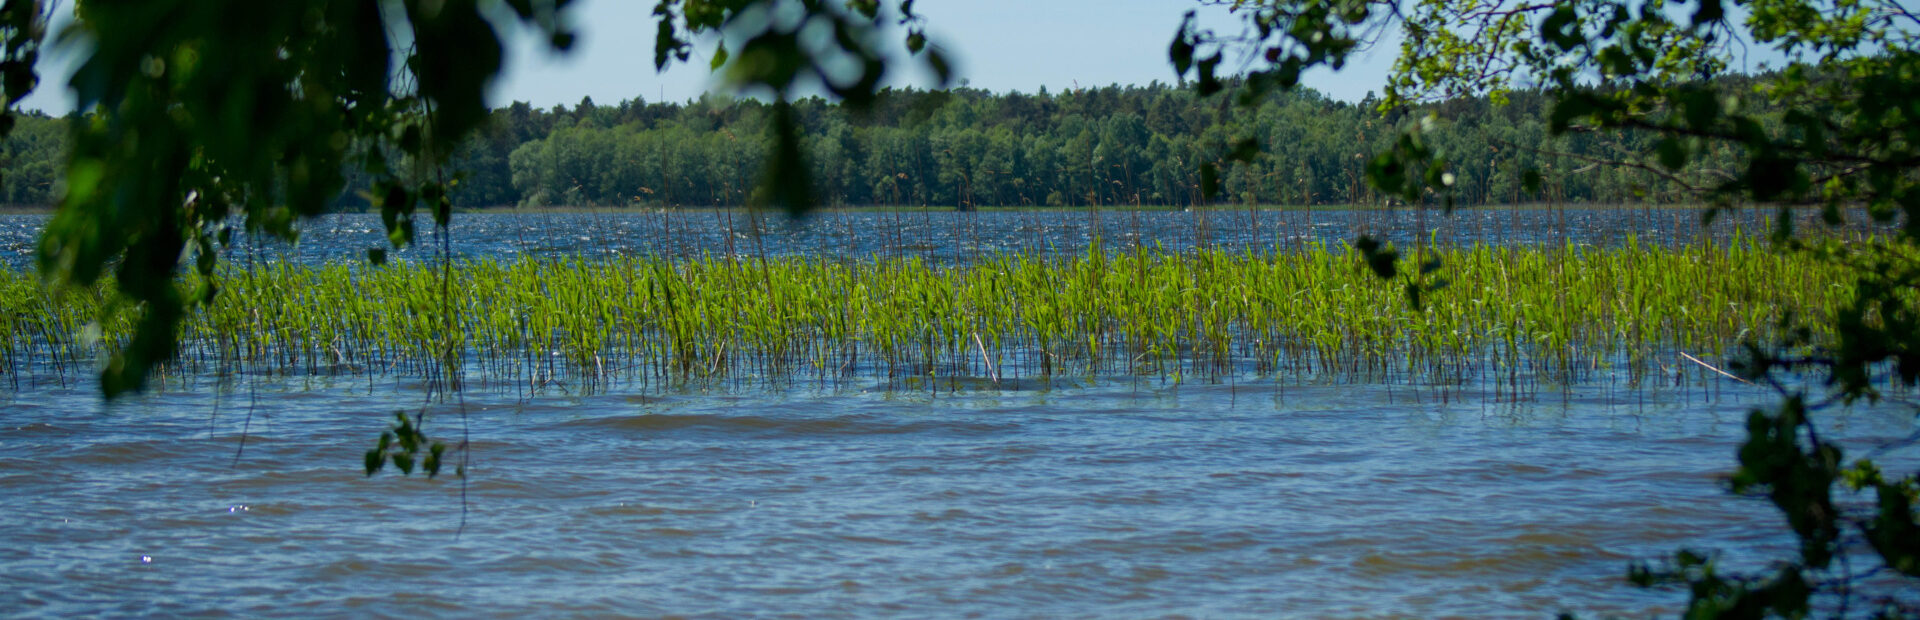 Lake Choczewskie